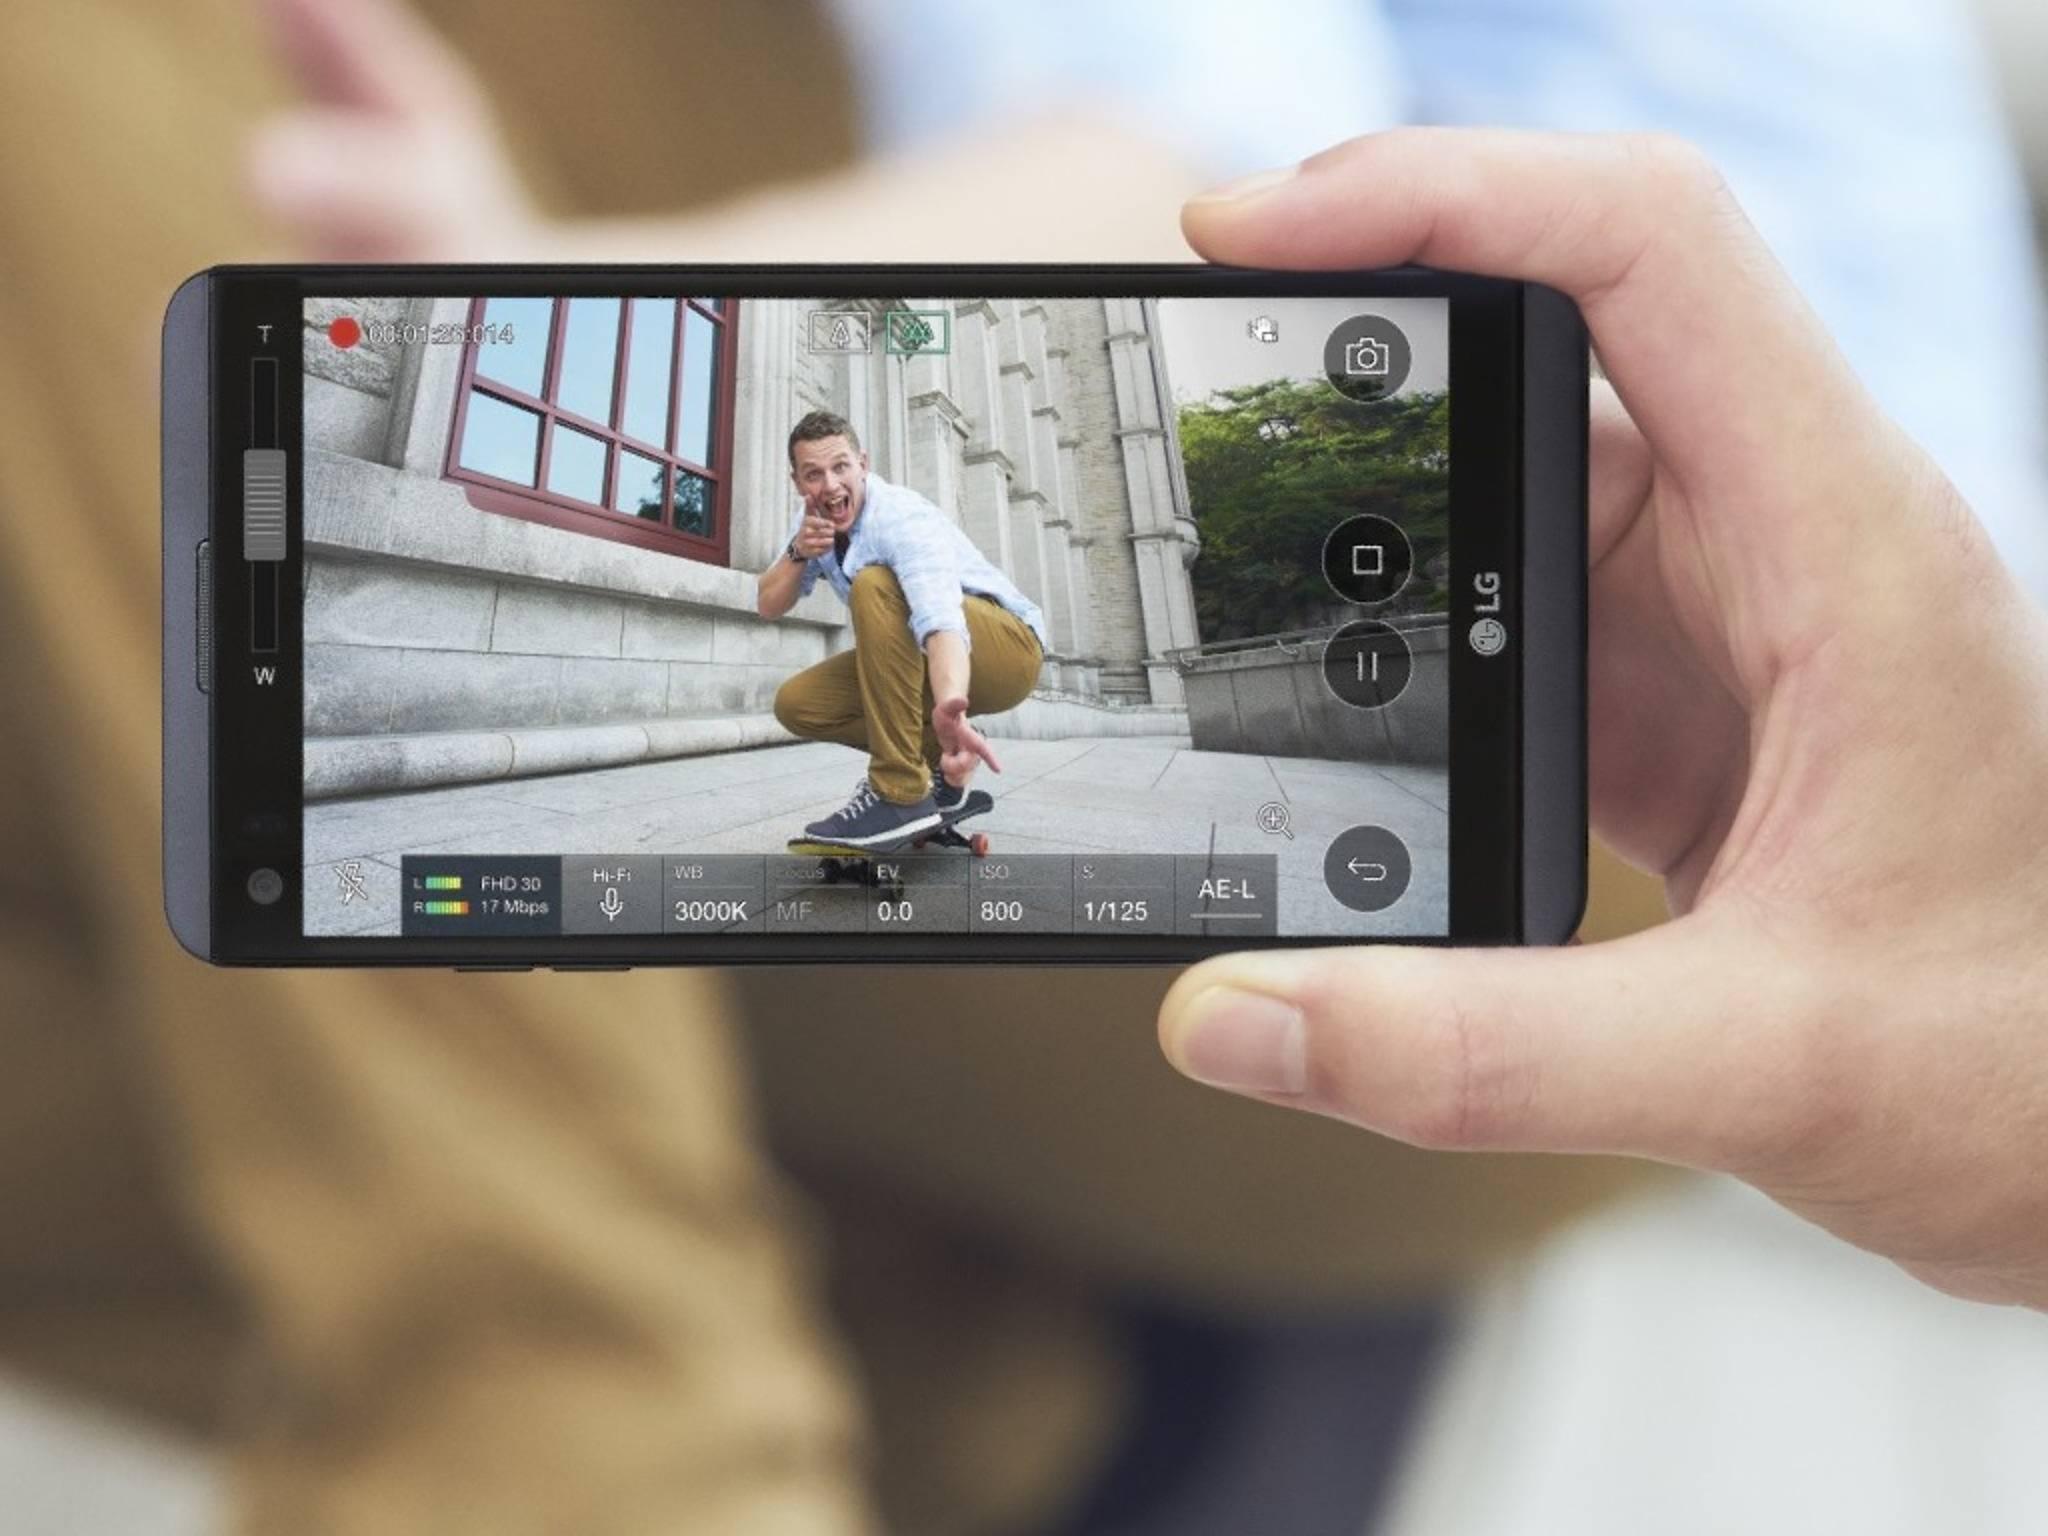 Beim LG V20 diente das Zusatz-Display (hier ganz links) unter anderem als Extraleiste für Kamerafunktionen.